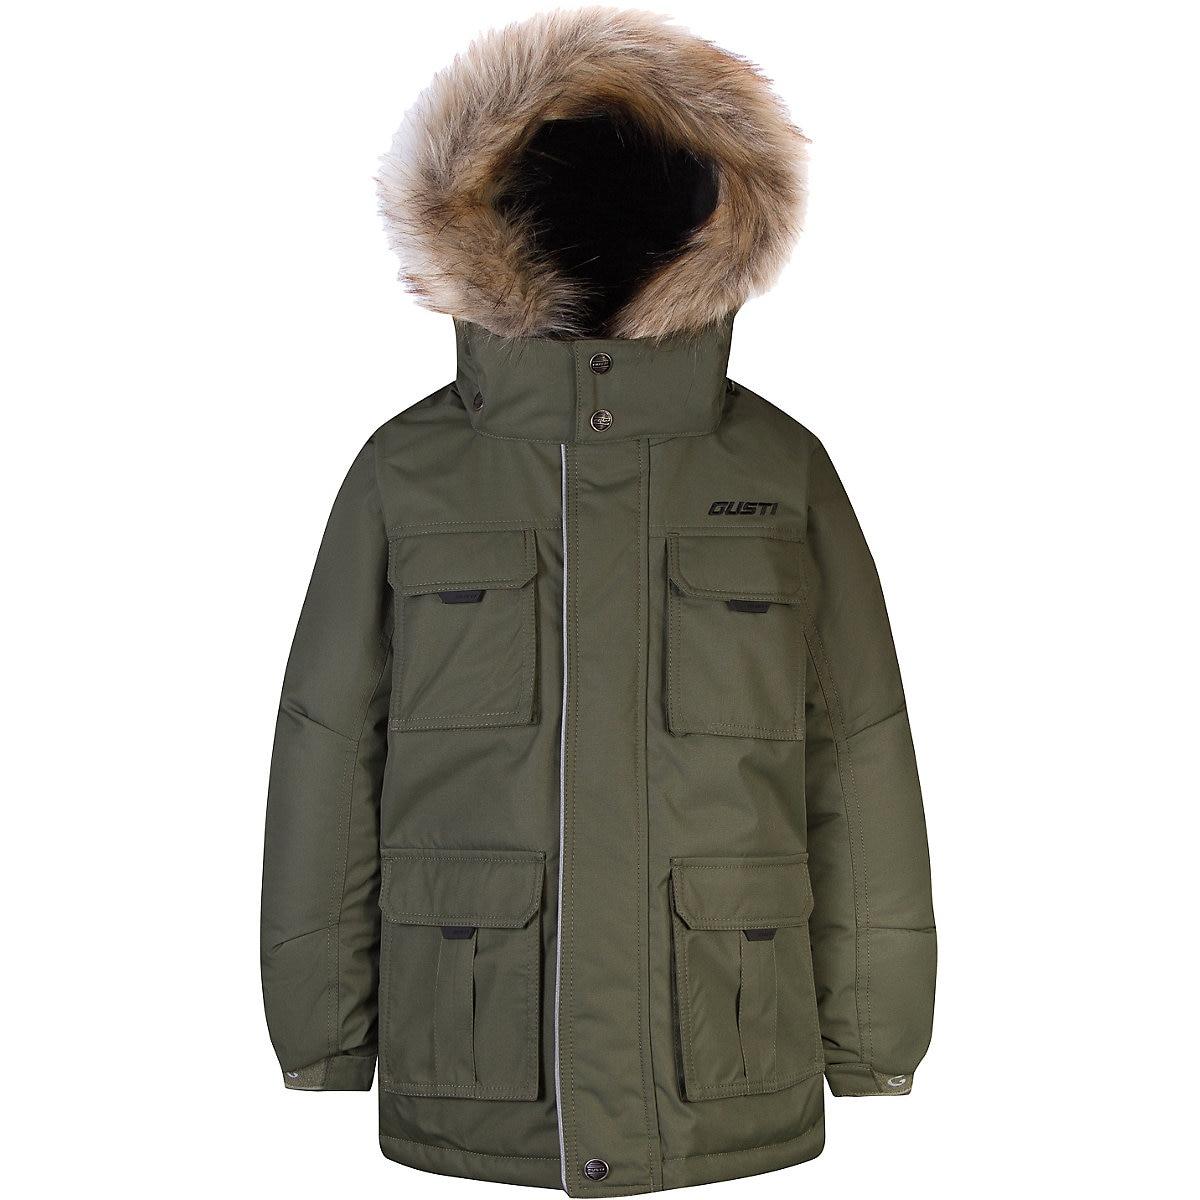 Gusti para baixo & parkas 9511948 jaqueta para meninas inverno outerwear crianças jaquetas meninos roupas mtpromo